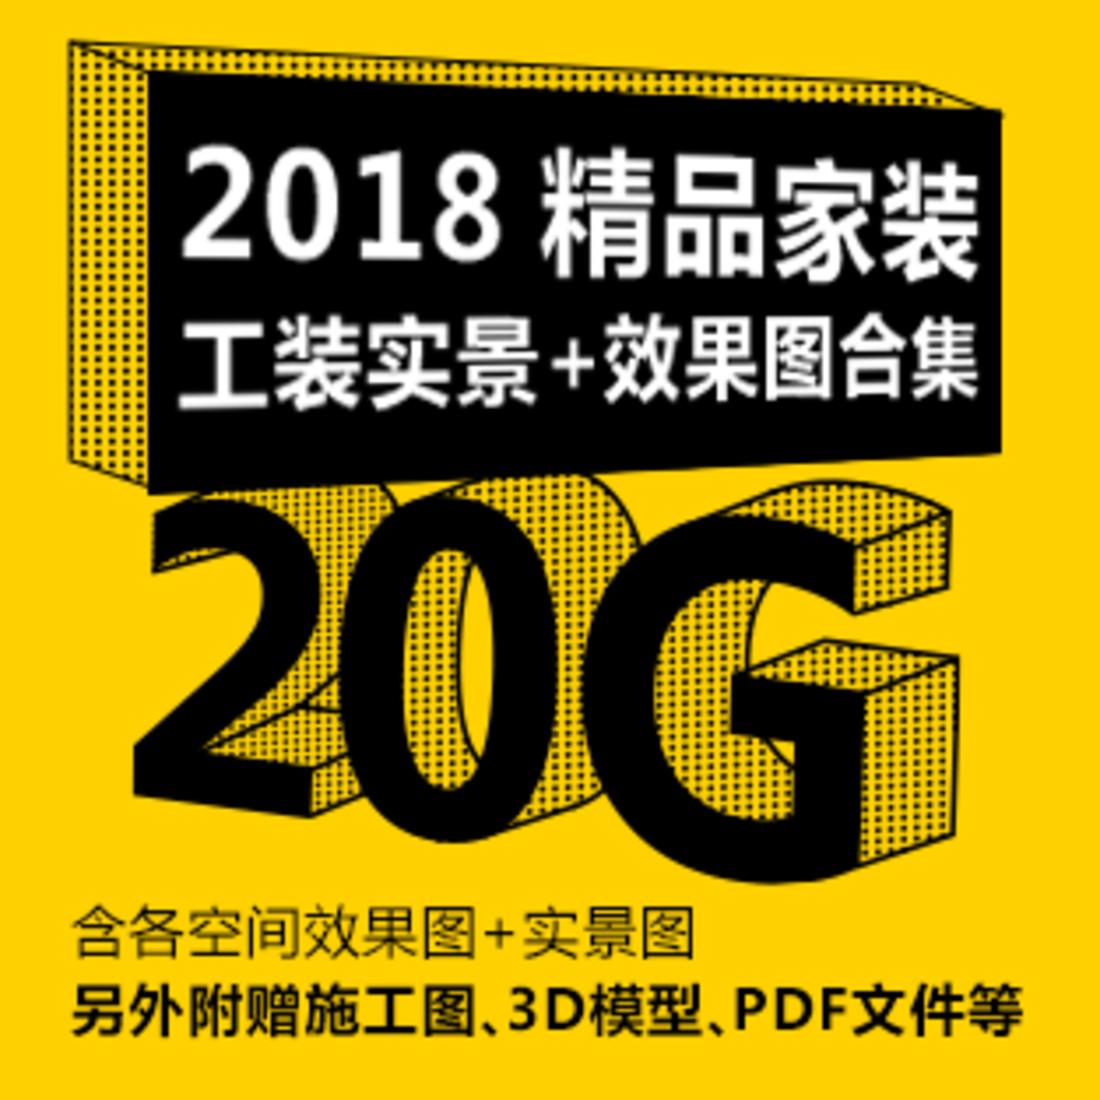 【20G】2018精品家装、工装实景+效果图+3d模型合集